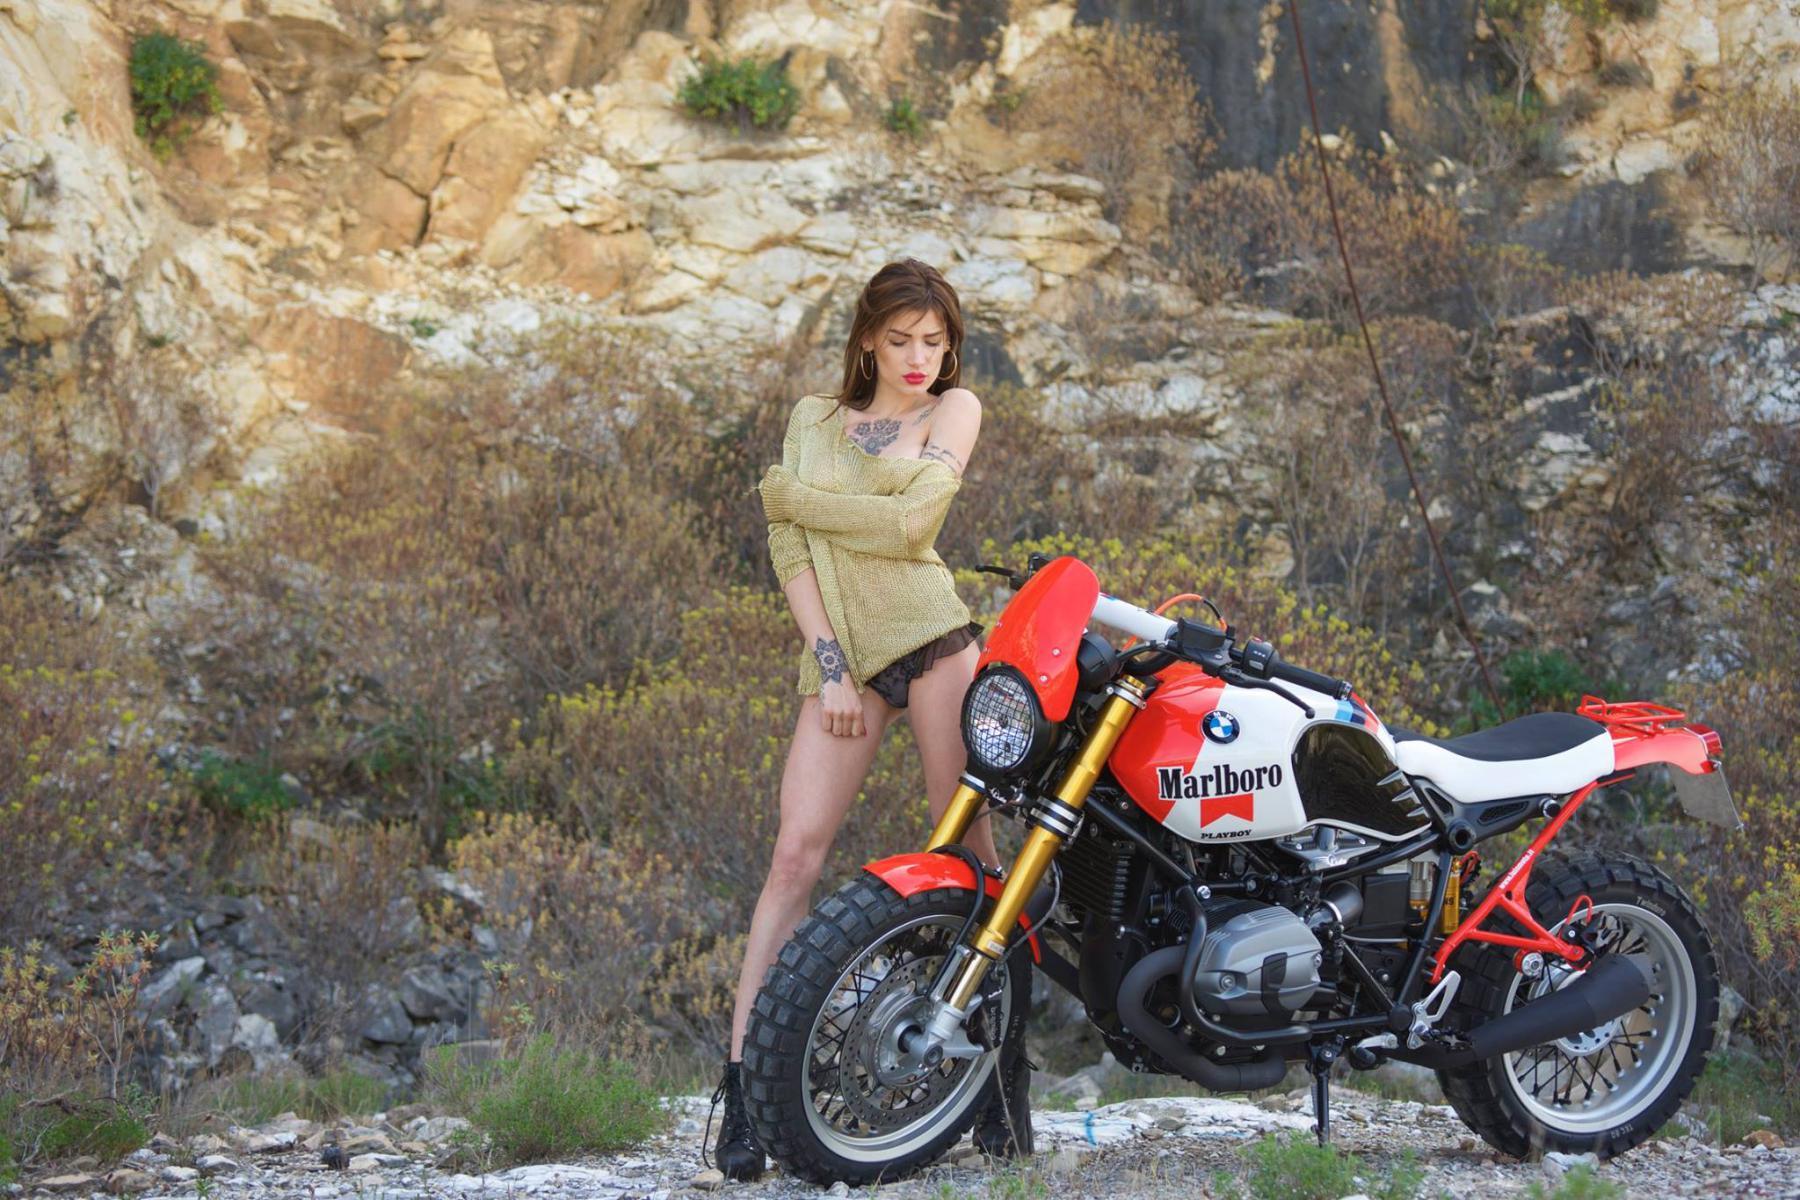 BMW R Ninet Marlboro ... and girl... - BMW NineT Forum